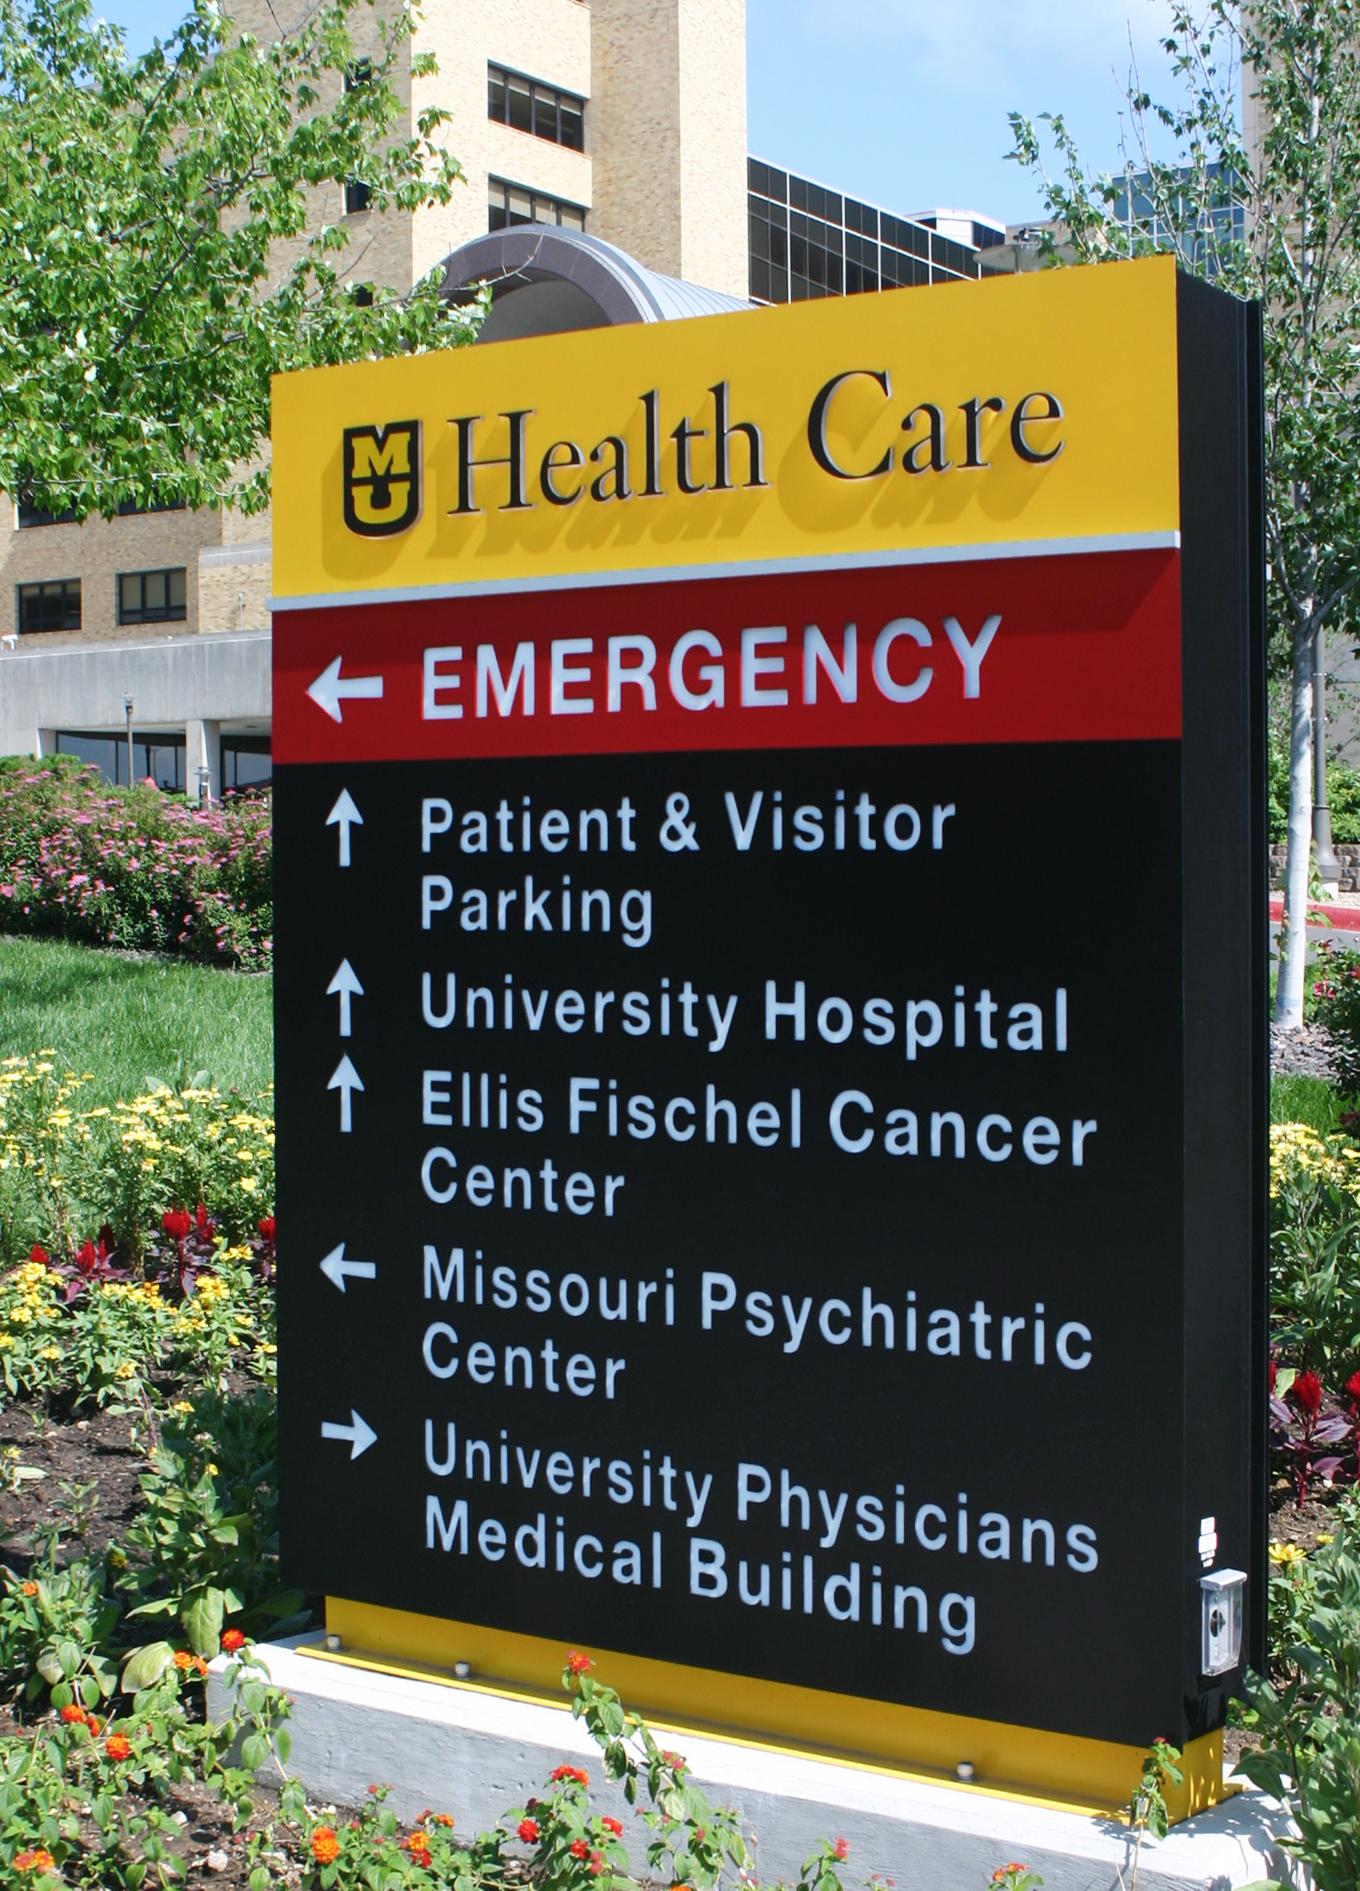 Signify signage at University of Missouri